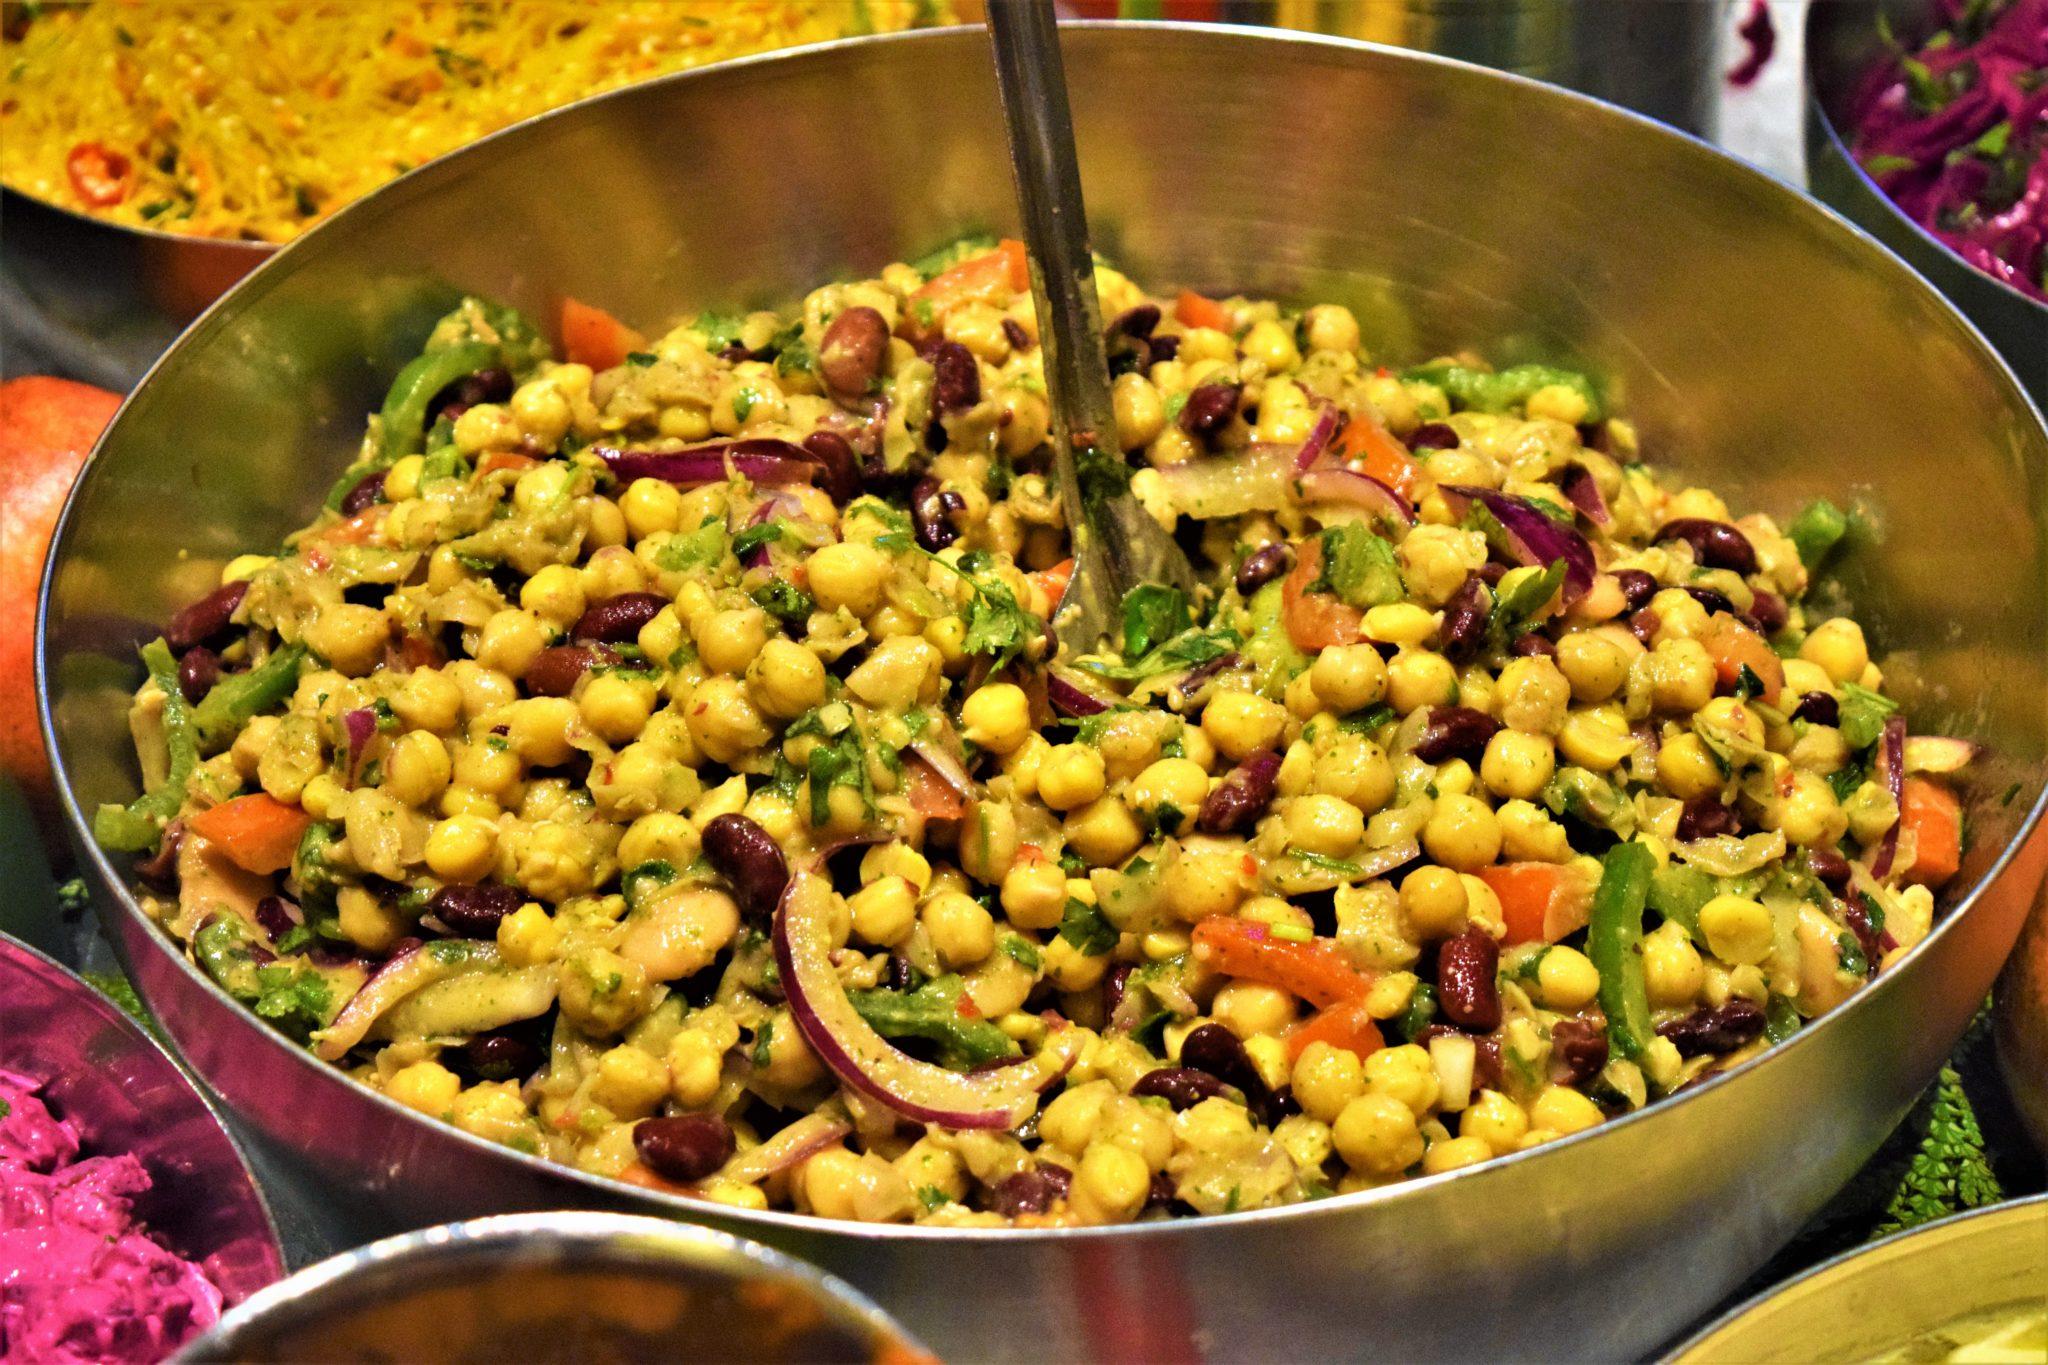 Vegan buffet at hermans, stockholm, sweden